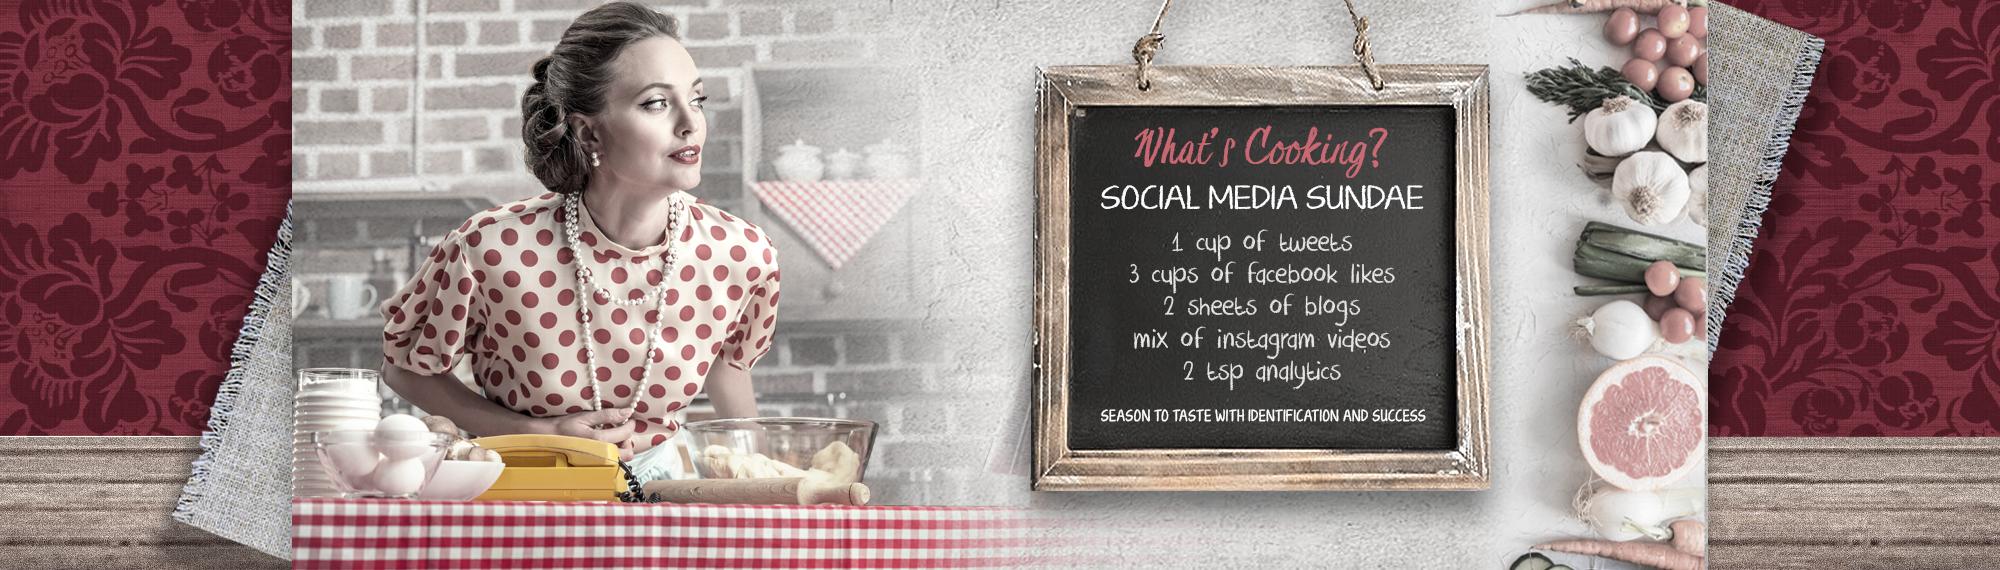 social media sundae